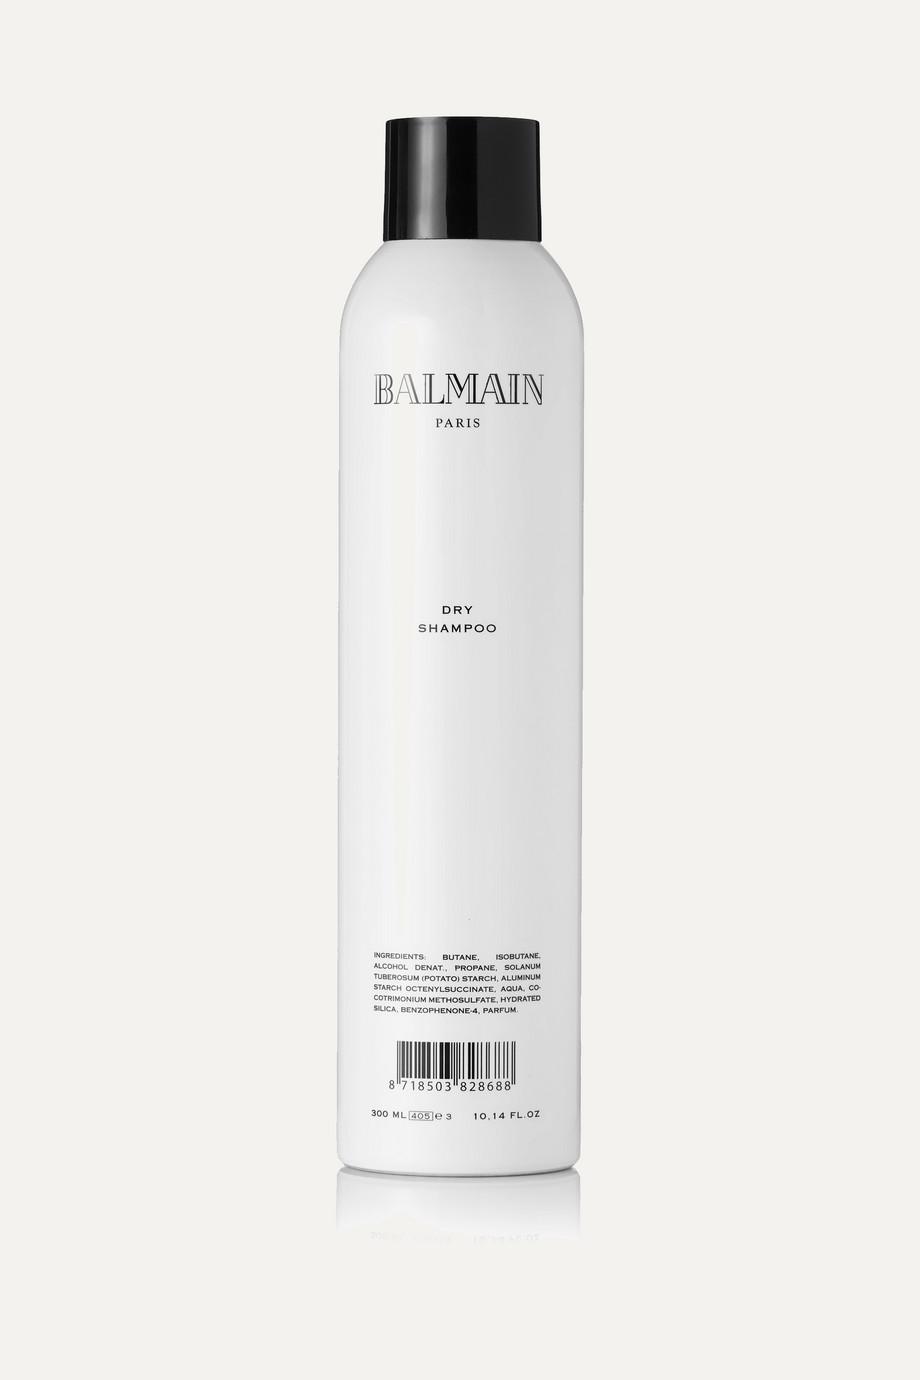 Balmain Paris Hair Couture Dry Shampoo, 300ml